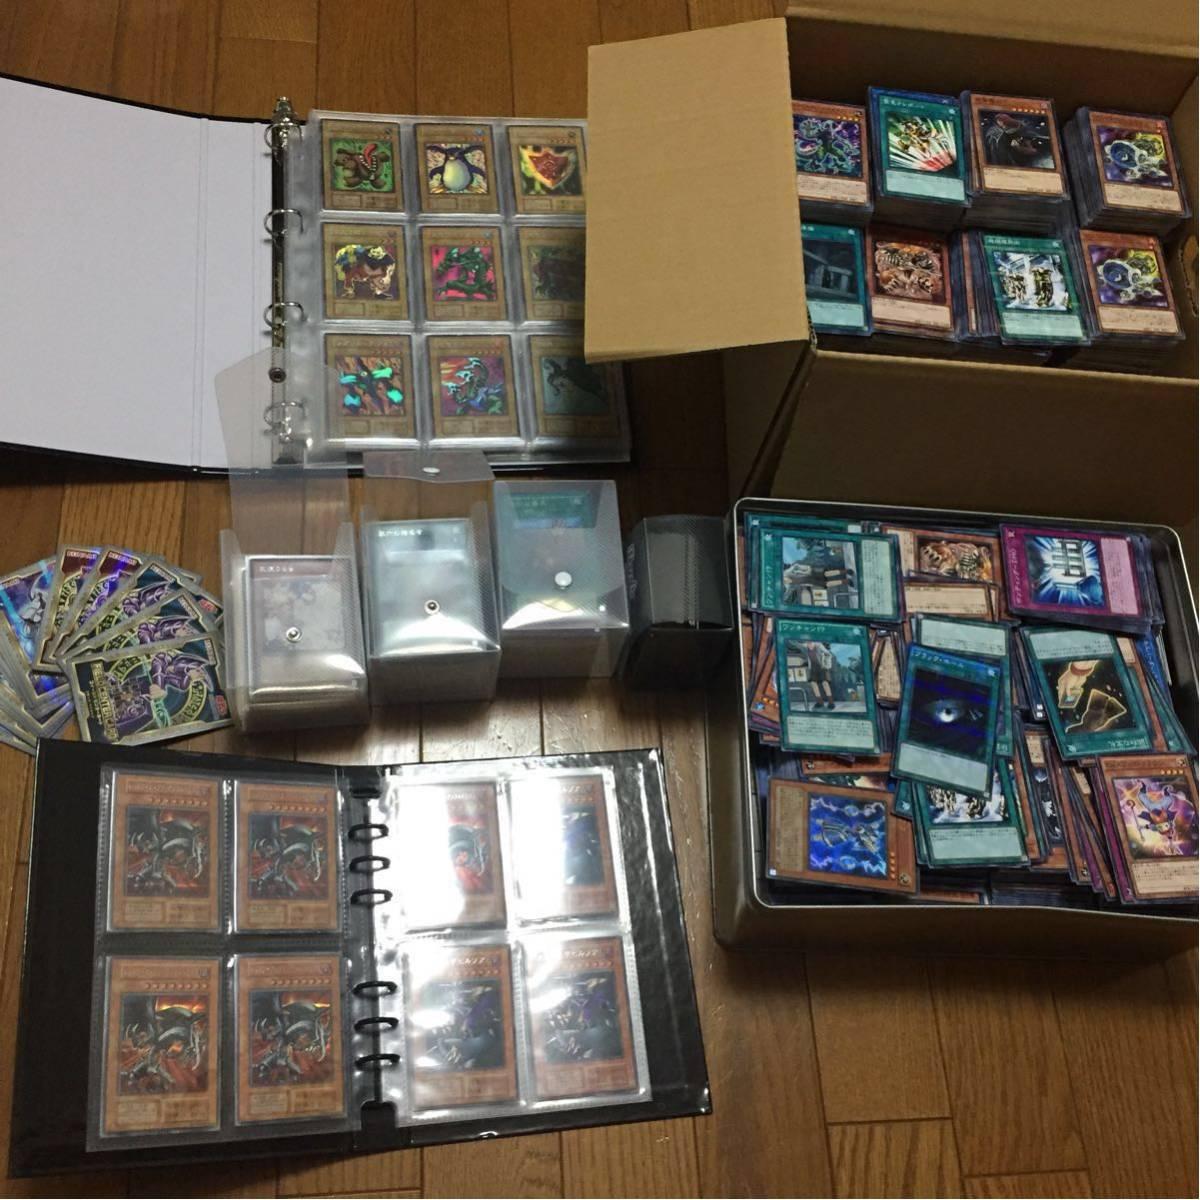 遊戯王 遊戯王カード コレクション 完全引退品 引退 初期 初期カード レア 希少 絶版 限定 まとめ売り プロモ ウルシク